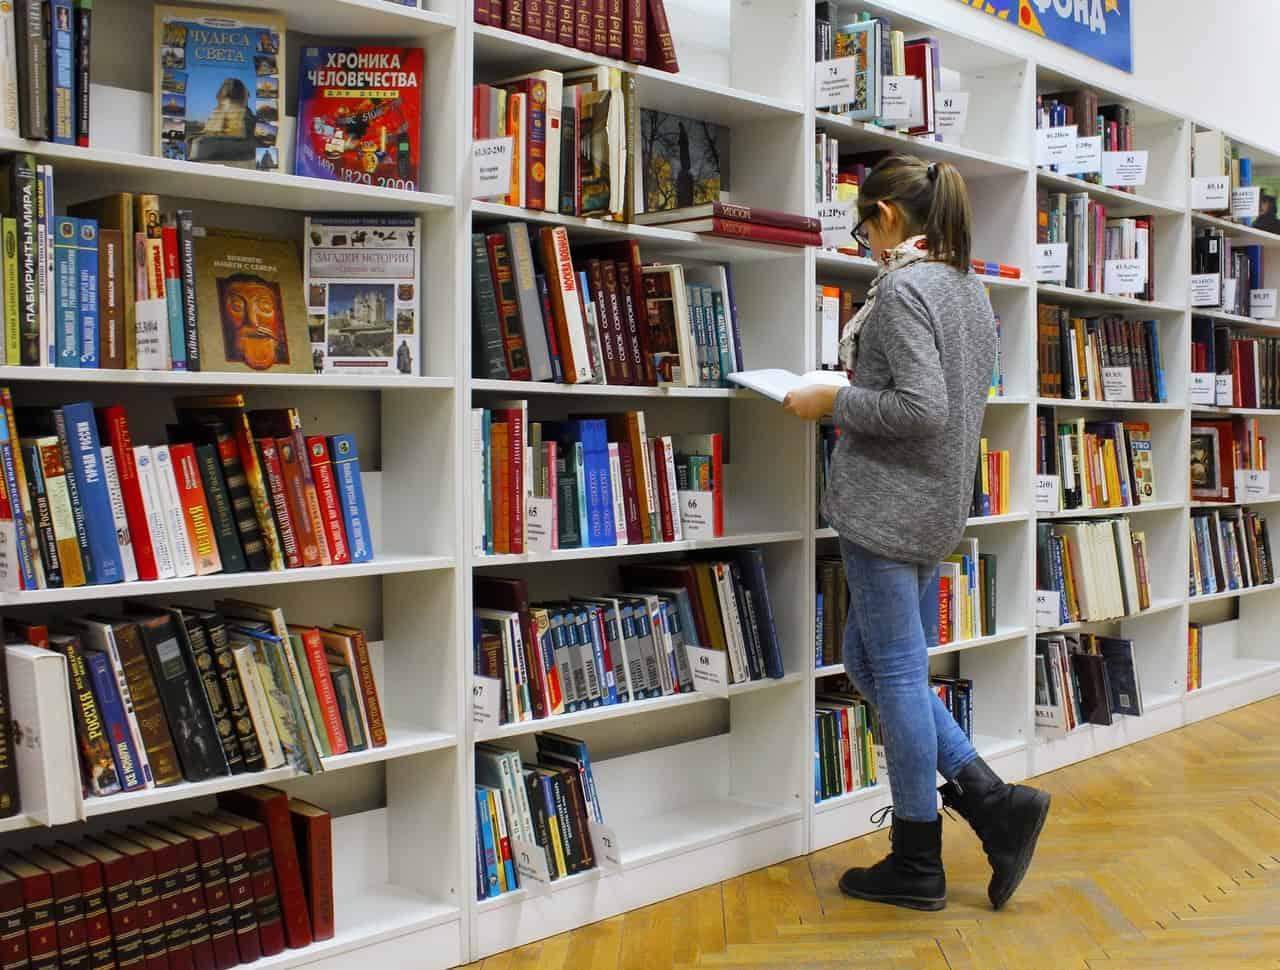 Bibliothèque avec des livres